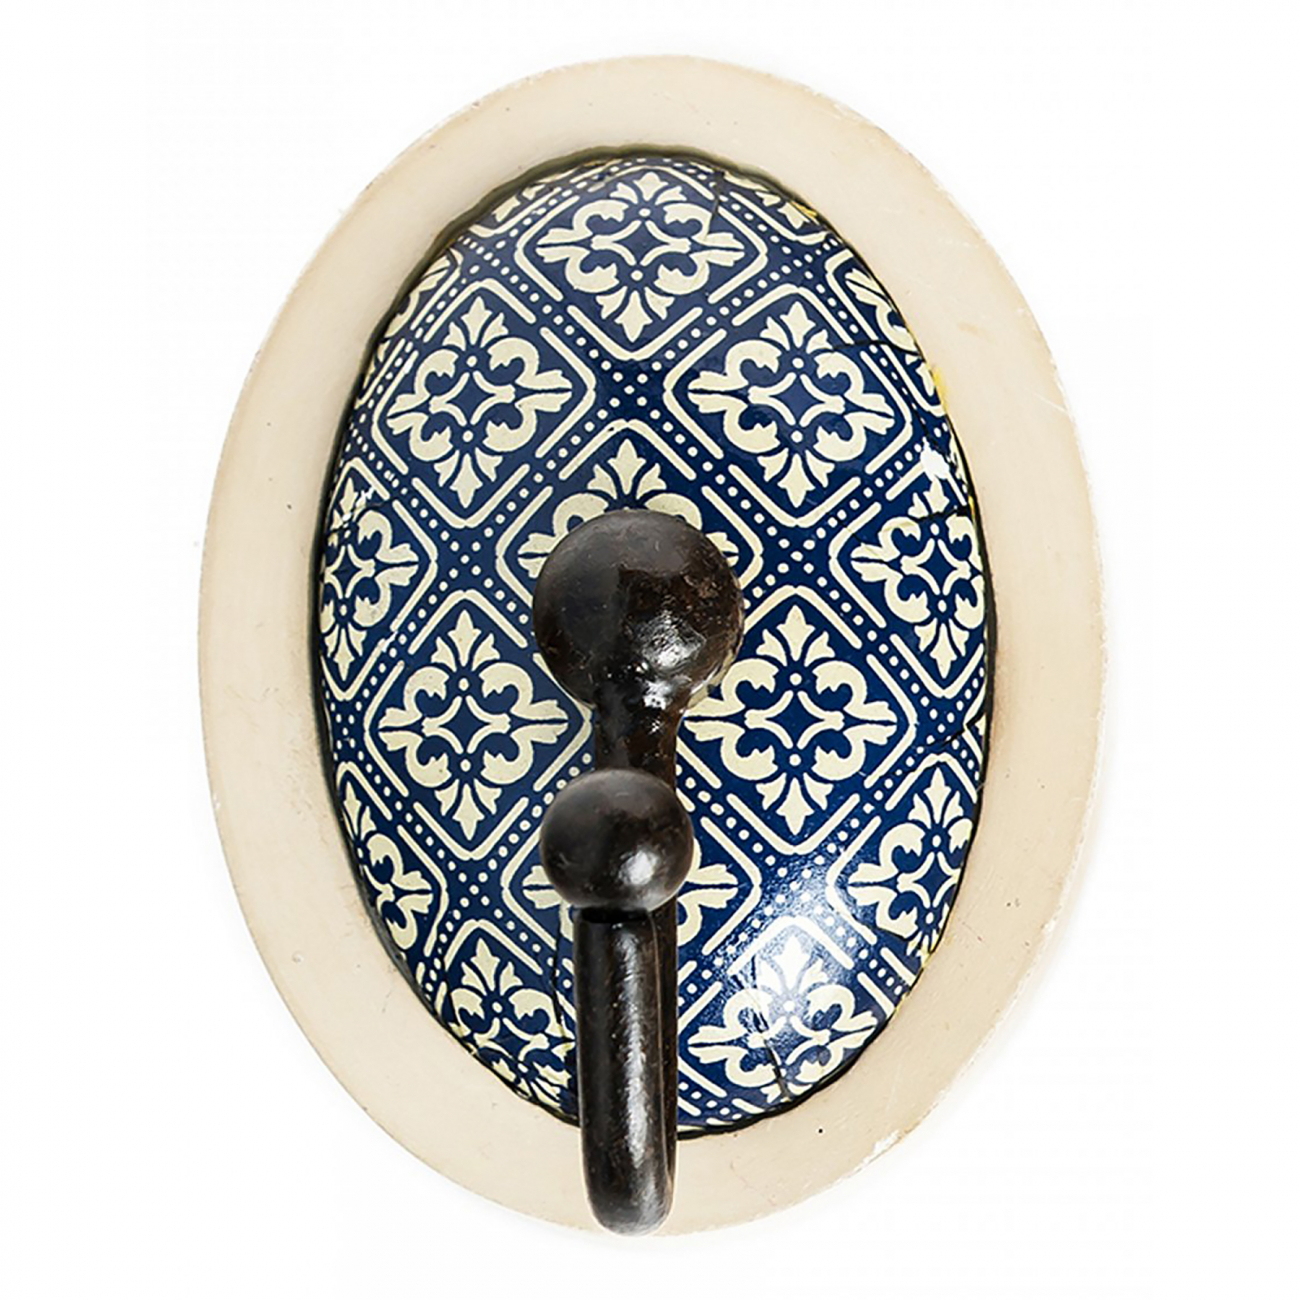 Купить Настенный крючок Wood Hooks Голубой в интернет магазине дизайнерской мебели и аксессуаров для дома и дачи